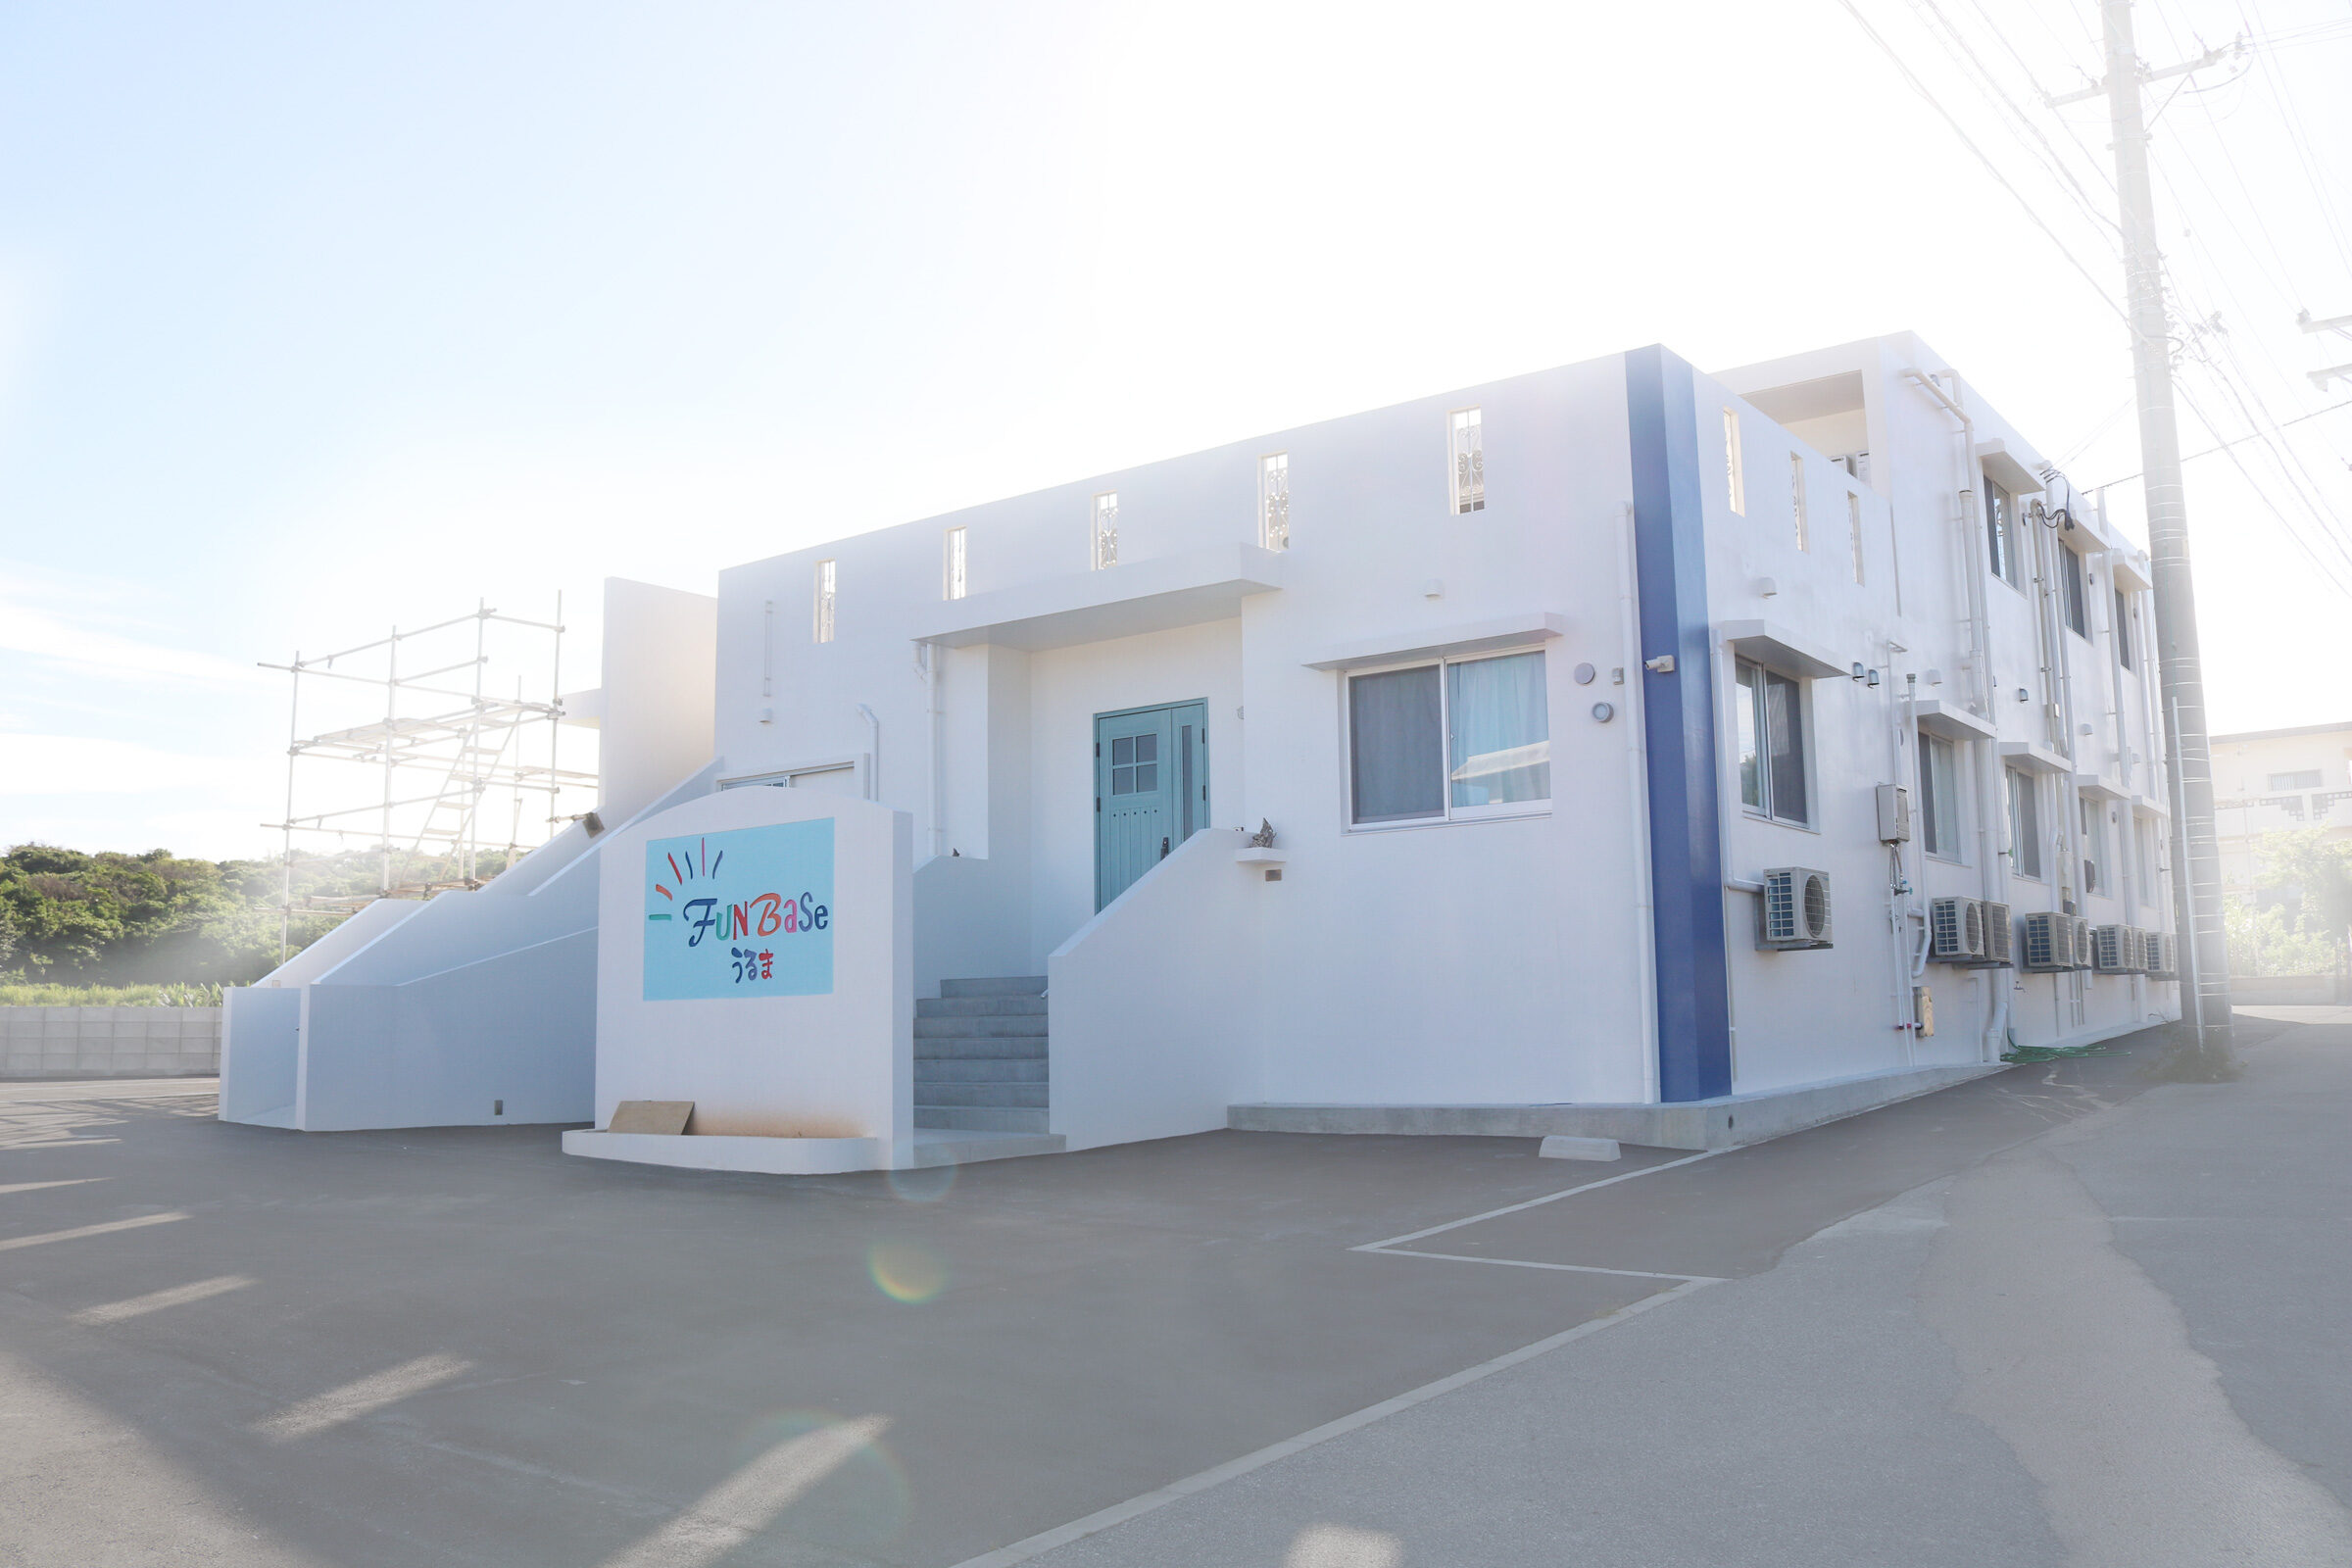 沖縄でマリンスポーツを楽しむコンセプトホテル